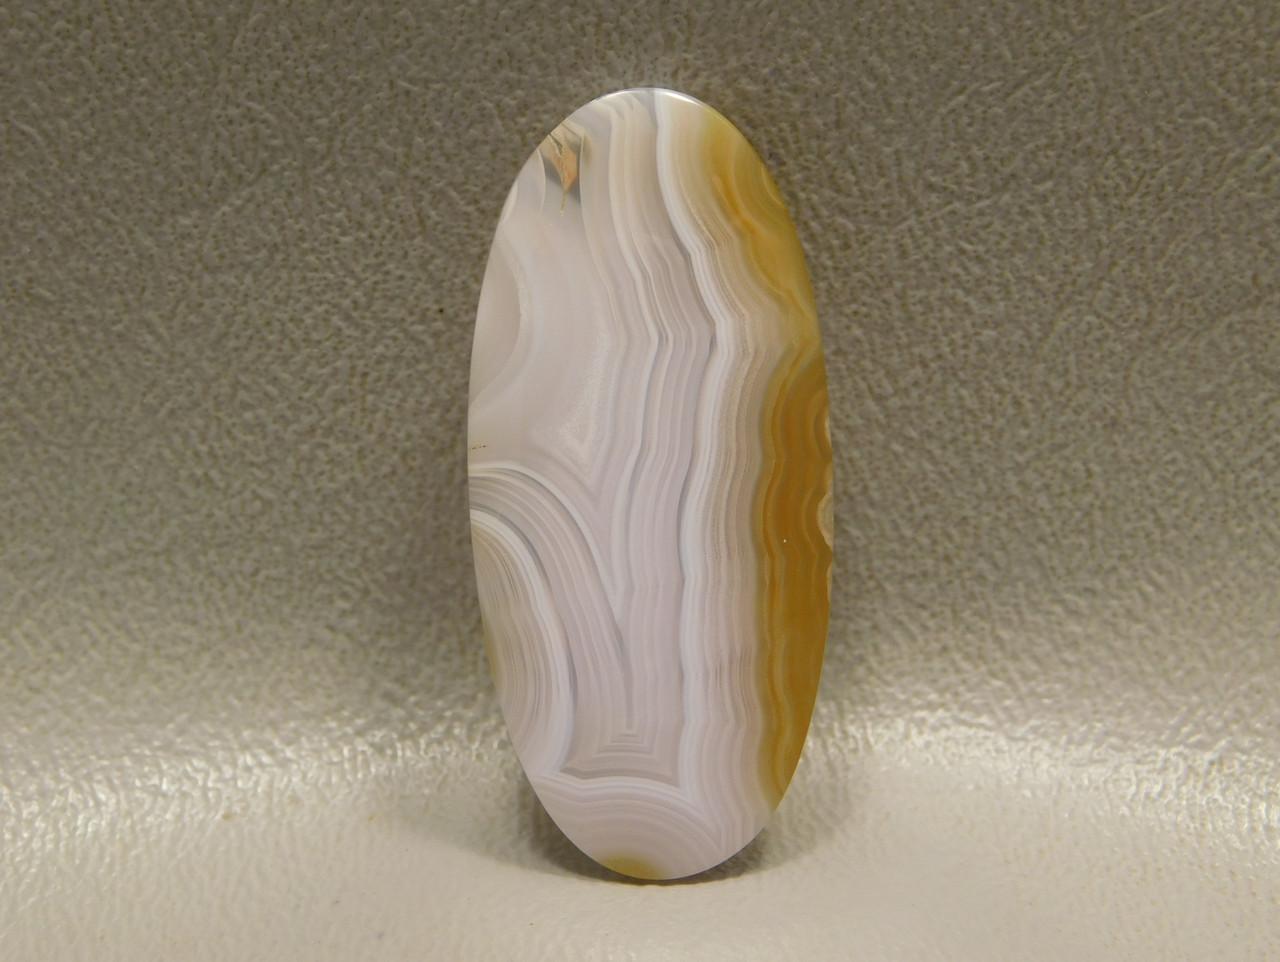 Coyamito Agate Banded Translucent Stone Cabochon #22